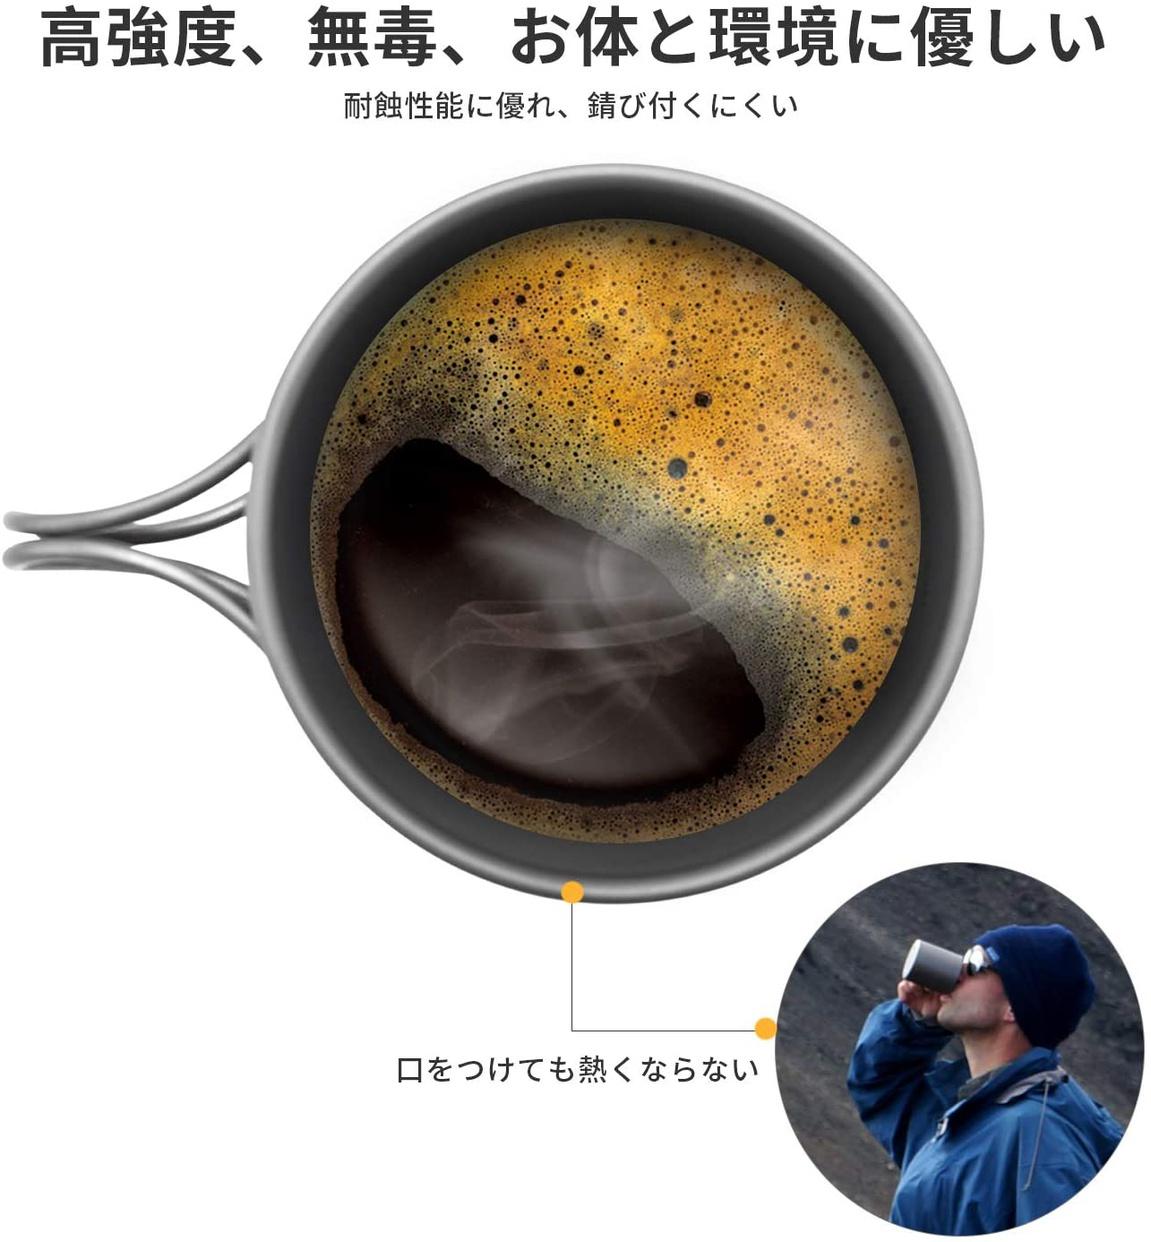 COOK'N'ESCAPE(コックンエスケープ) アウトドア用マグカップの商品画像4